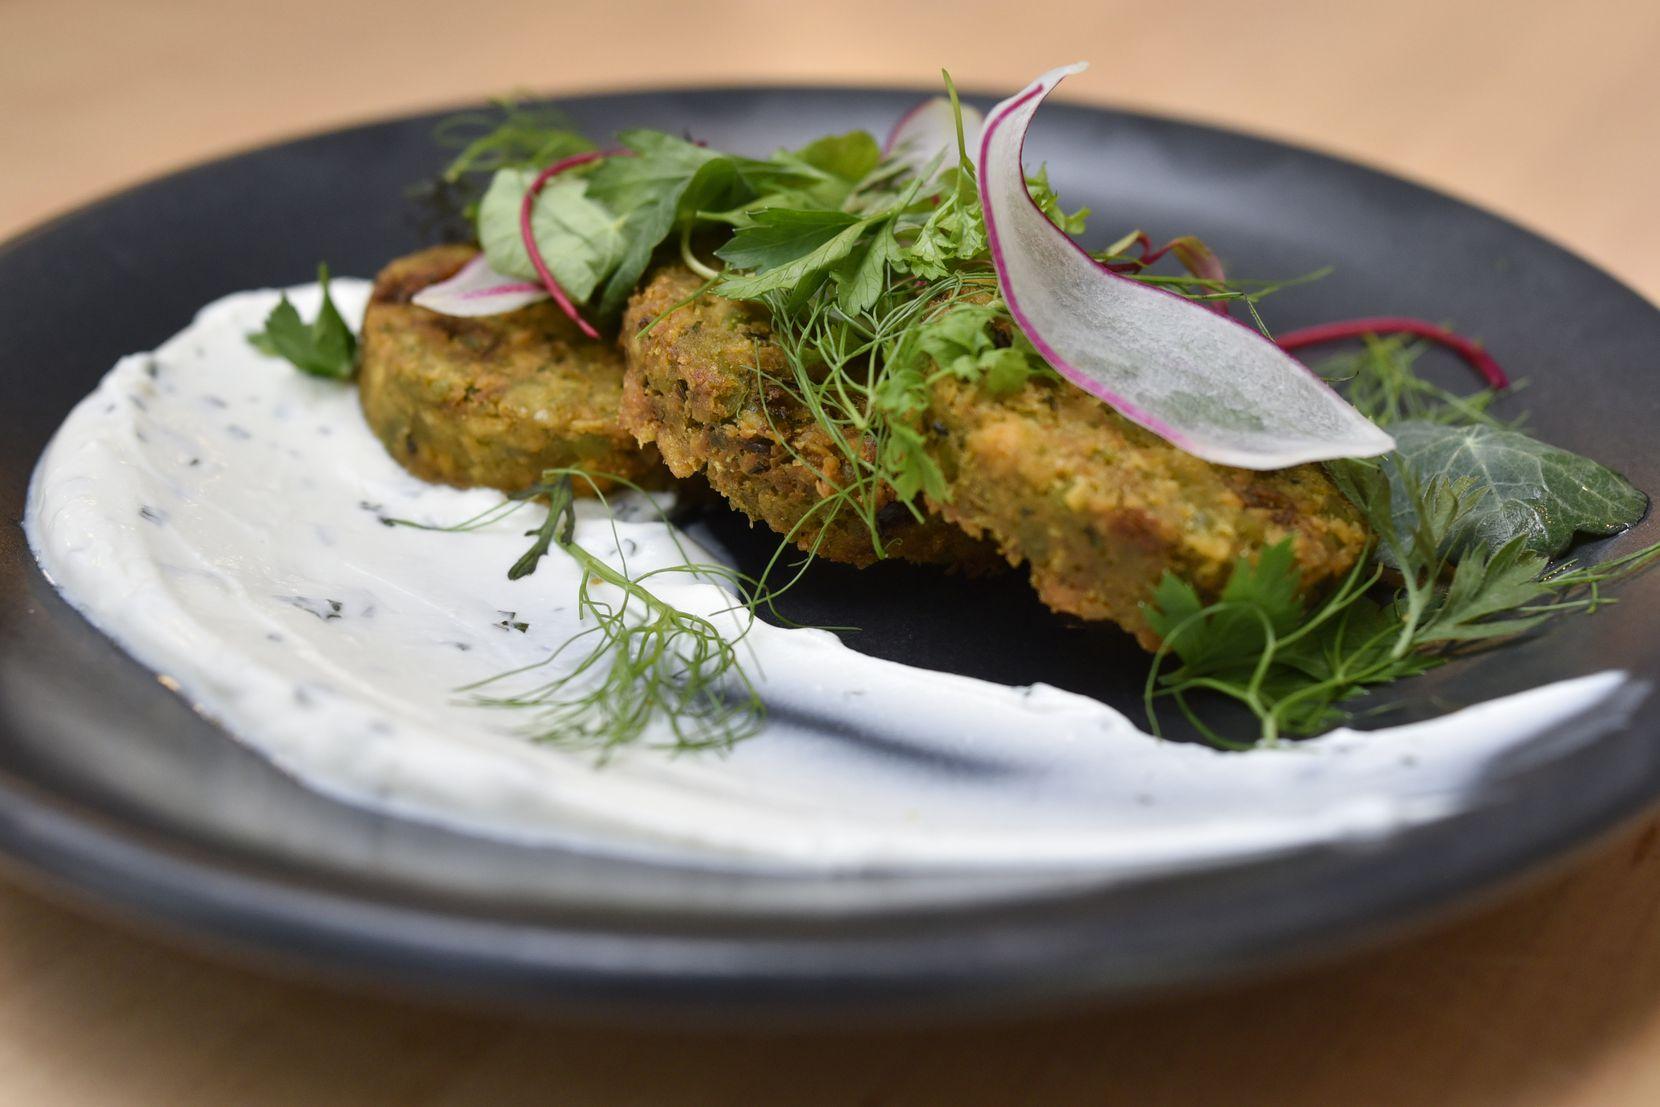 Green fava falafel